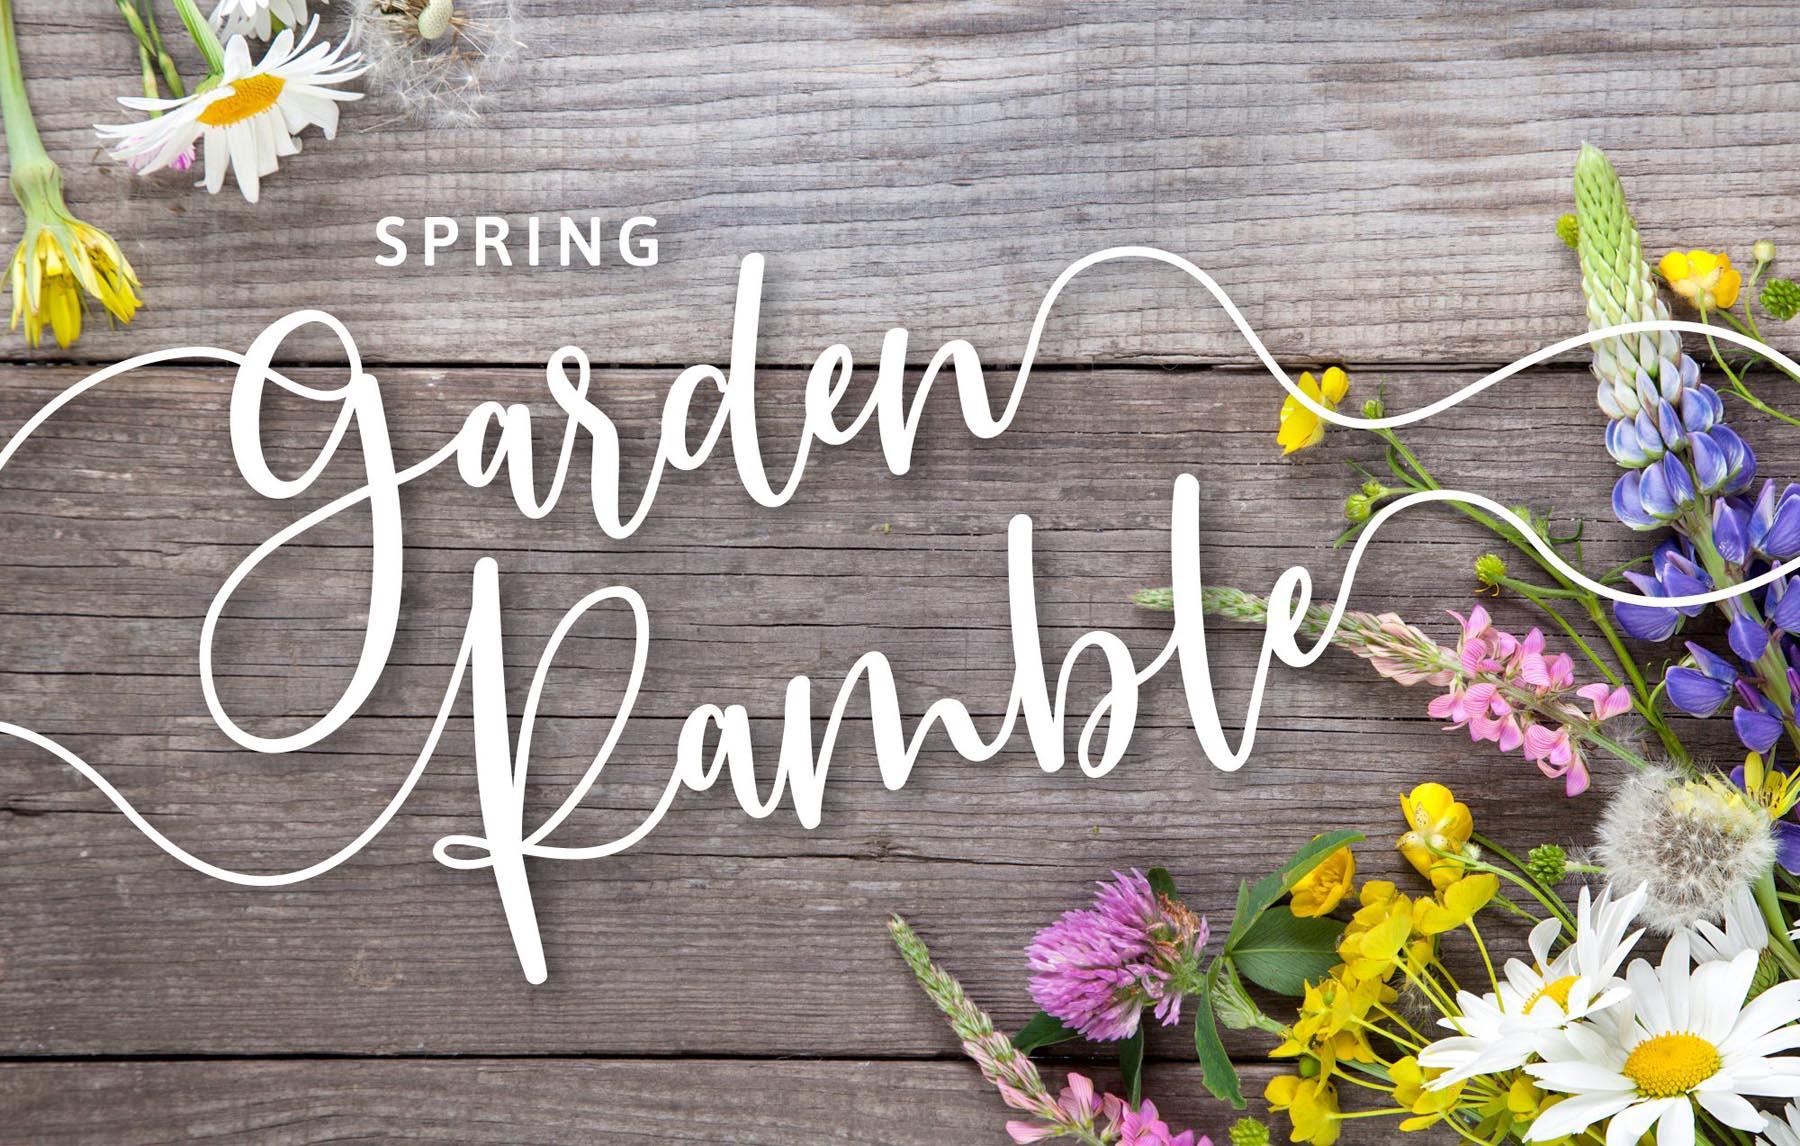 Spring Garden Ramble